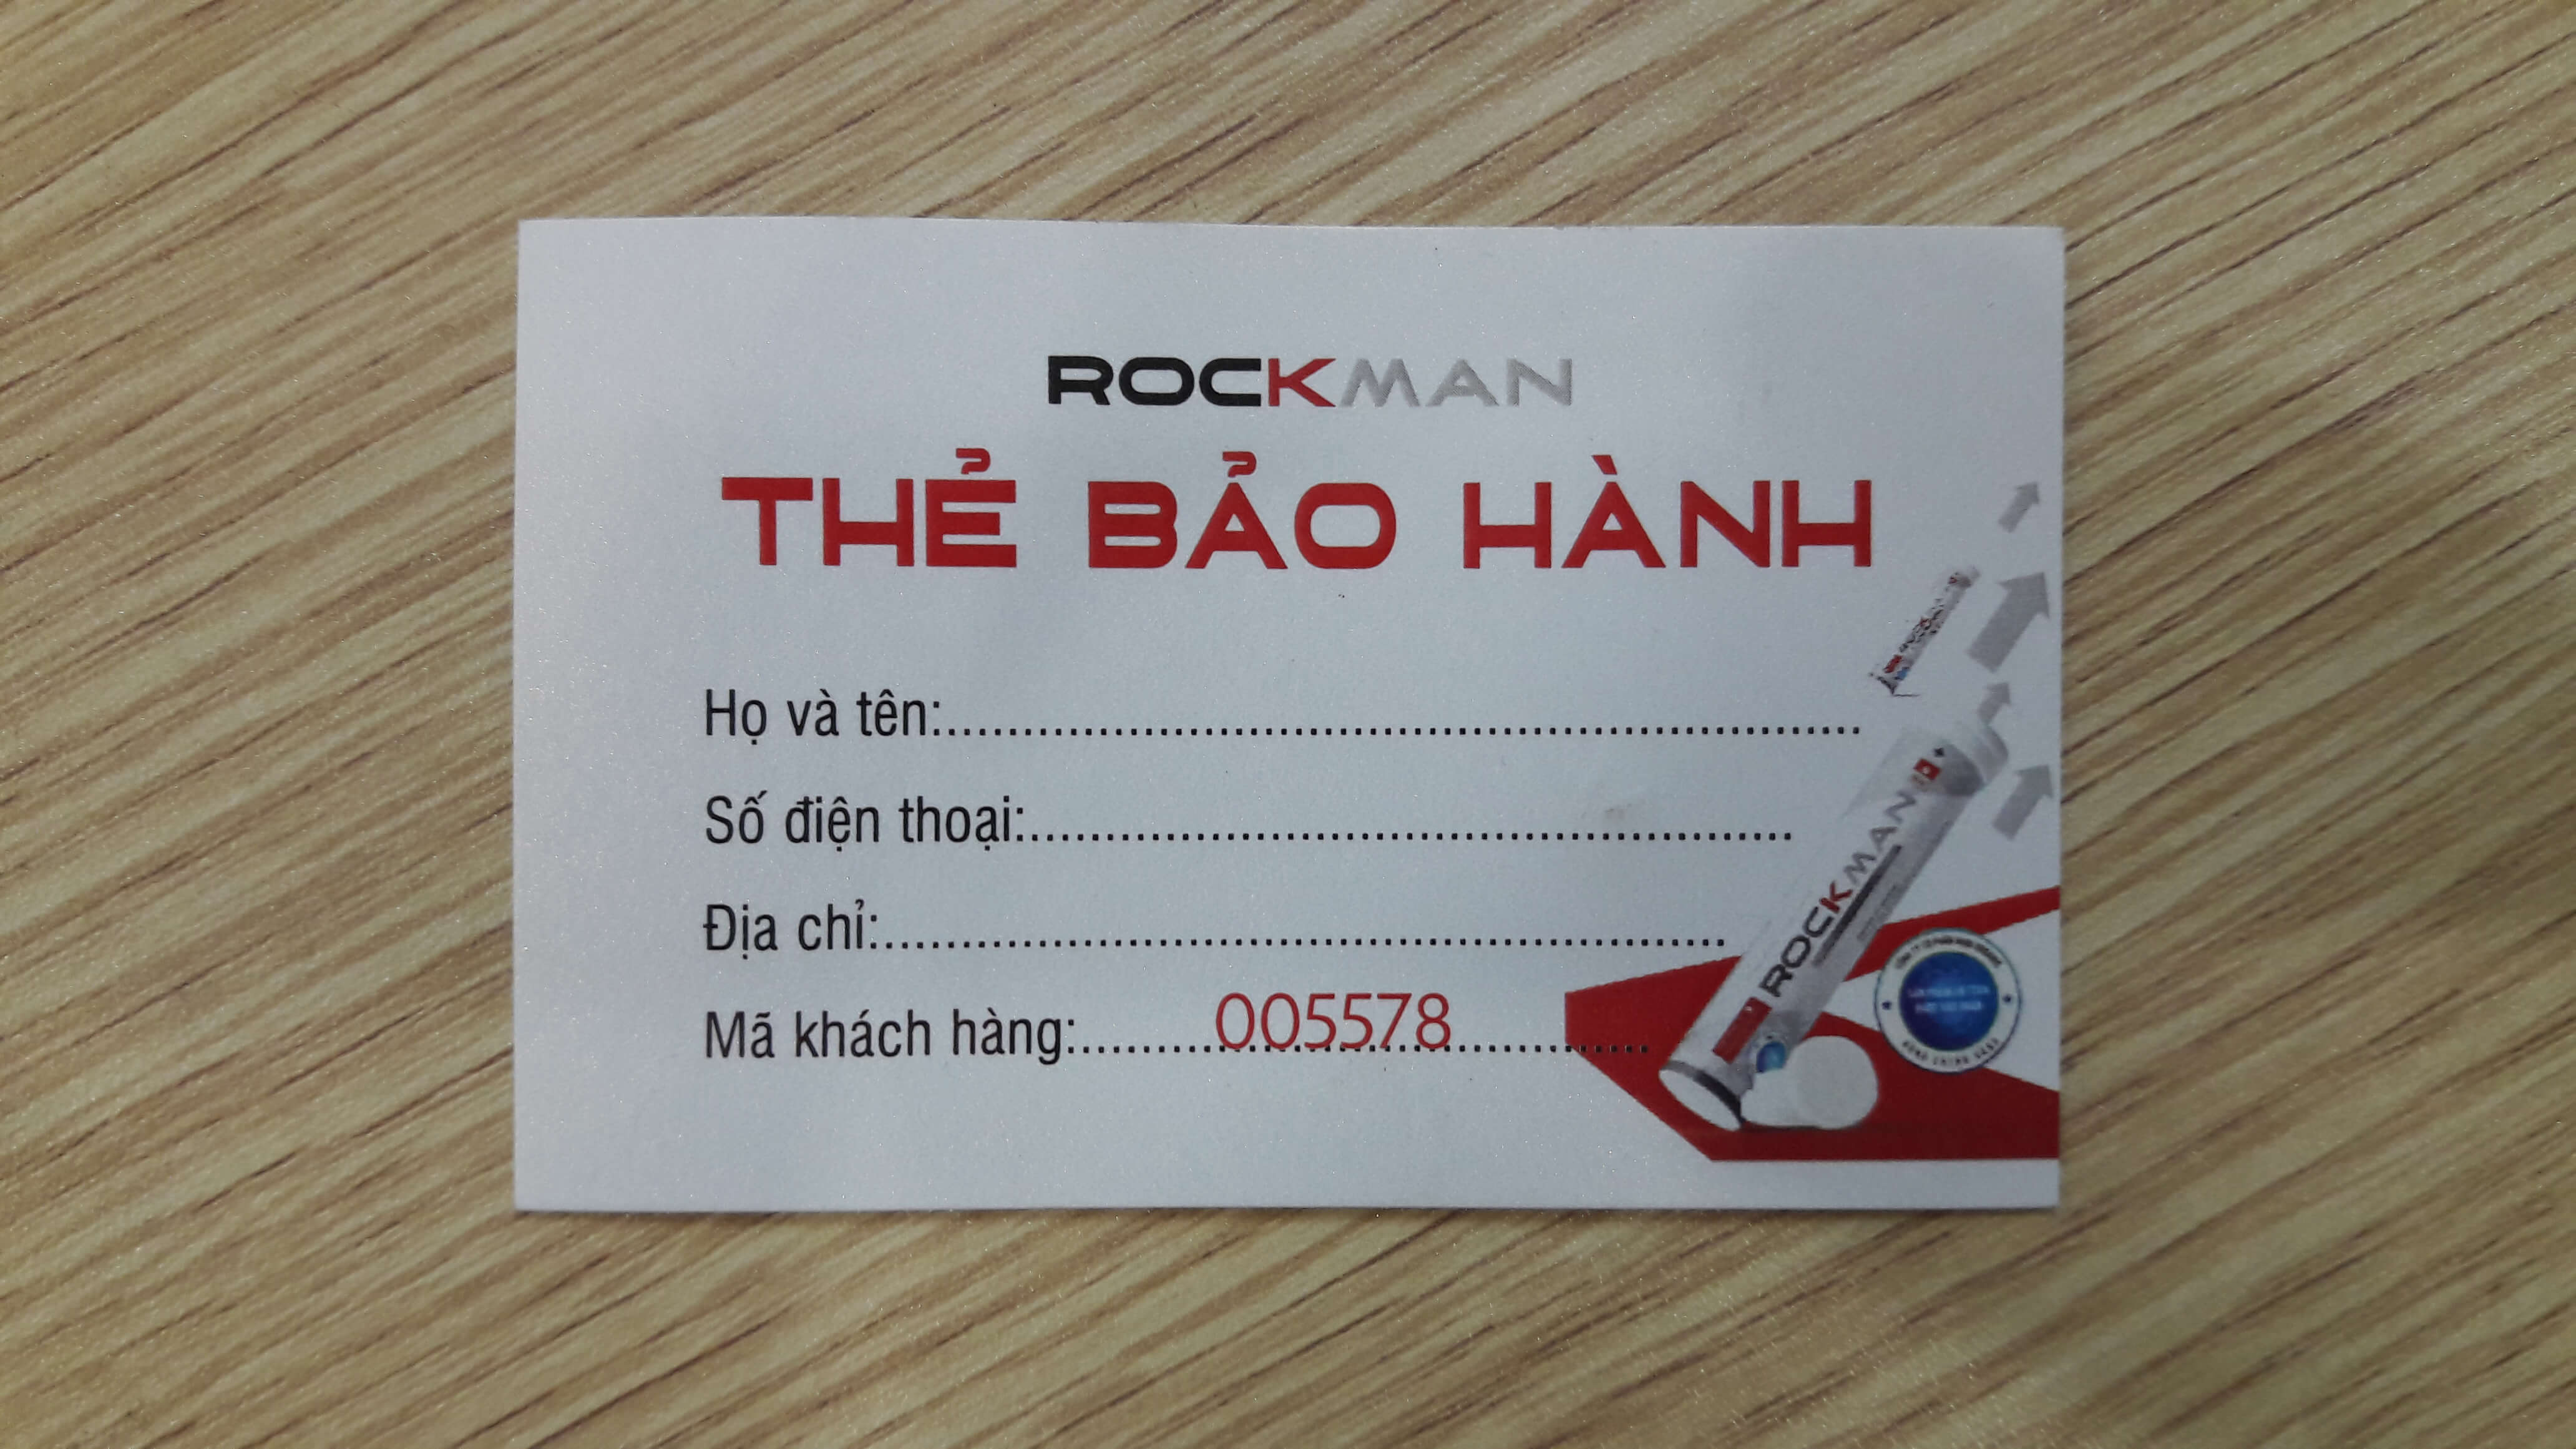 the-bao-hanh-rockman